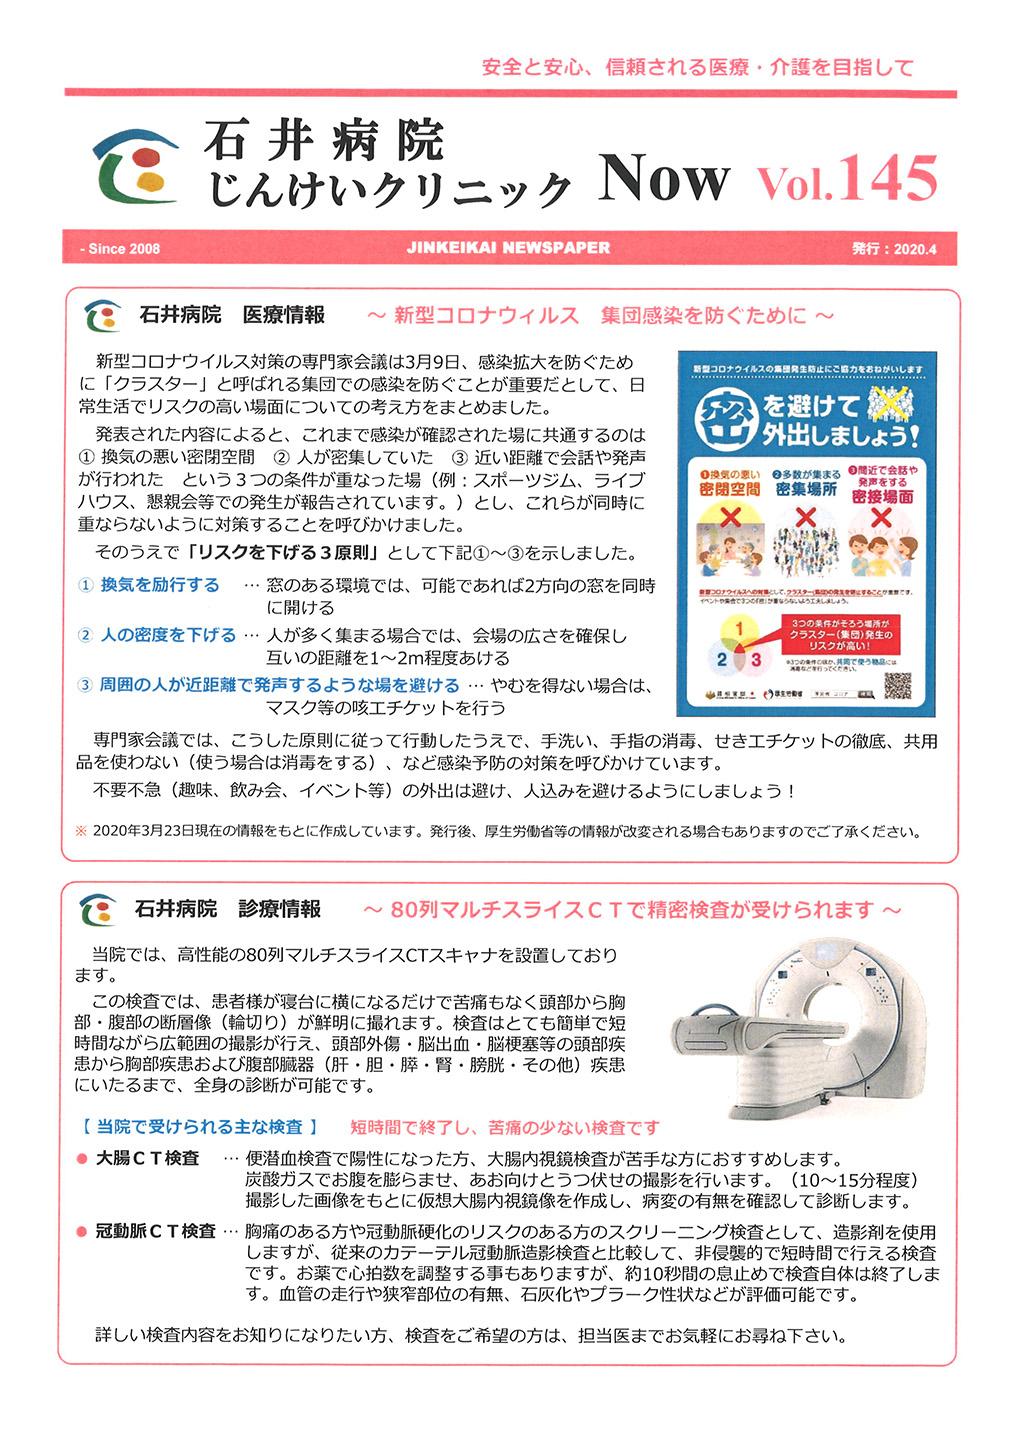 市 コロナ 感染 情報 明石 兵庫県(補助金・助成金・融資情報)